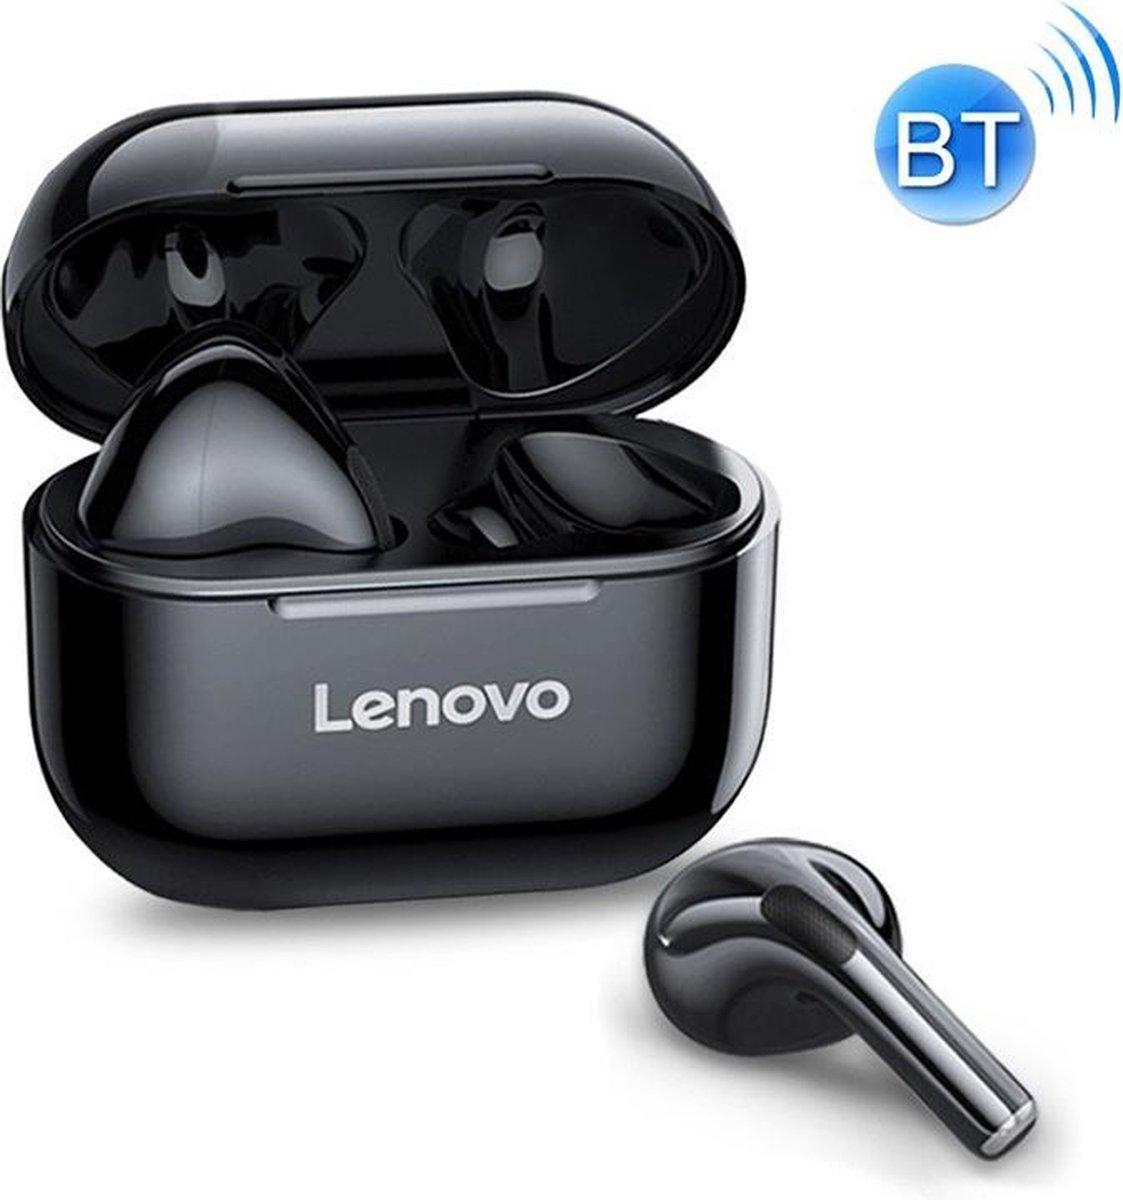 Bluetooth Oordopjes Oordop - Airpods - Wireless Earphones - Draadloos - Draadloze Oordopjes - Draadloze Oortjes - Bluetooth Oordopjes - Oor - Earpods - Bluetooth Oortjes - Nieuwe Collectie - Zwart